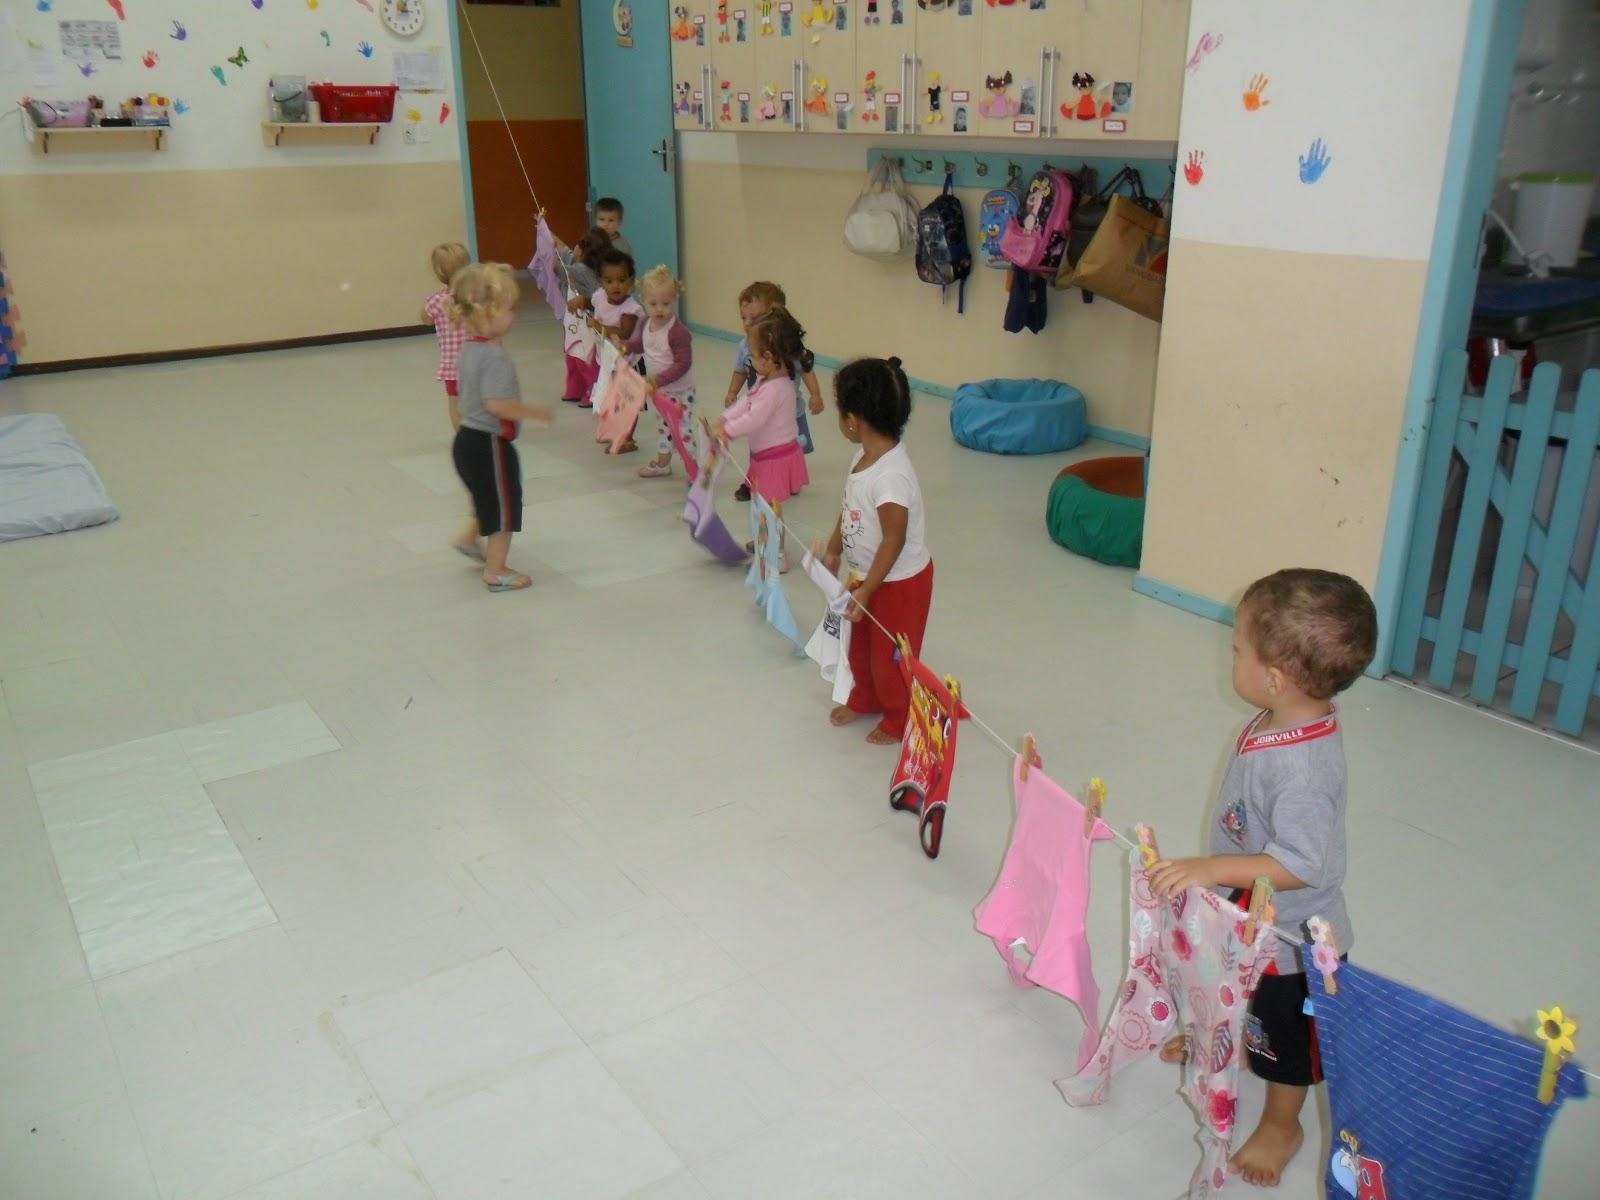 Em sala esticamos um varal com asroupas das crianças. Cada um  #31487C 1600 1200